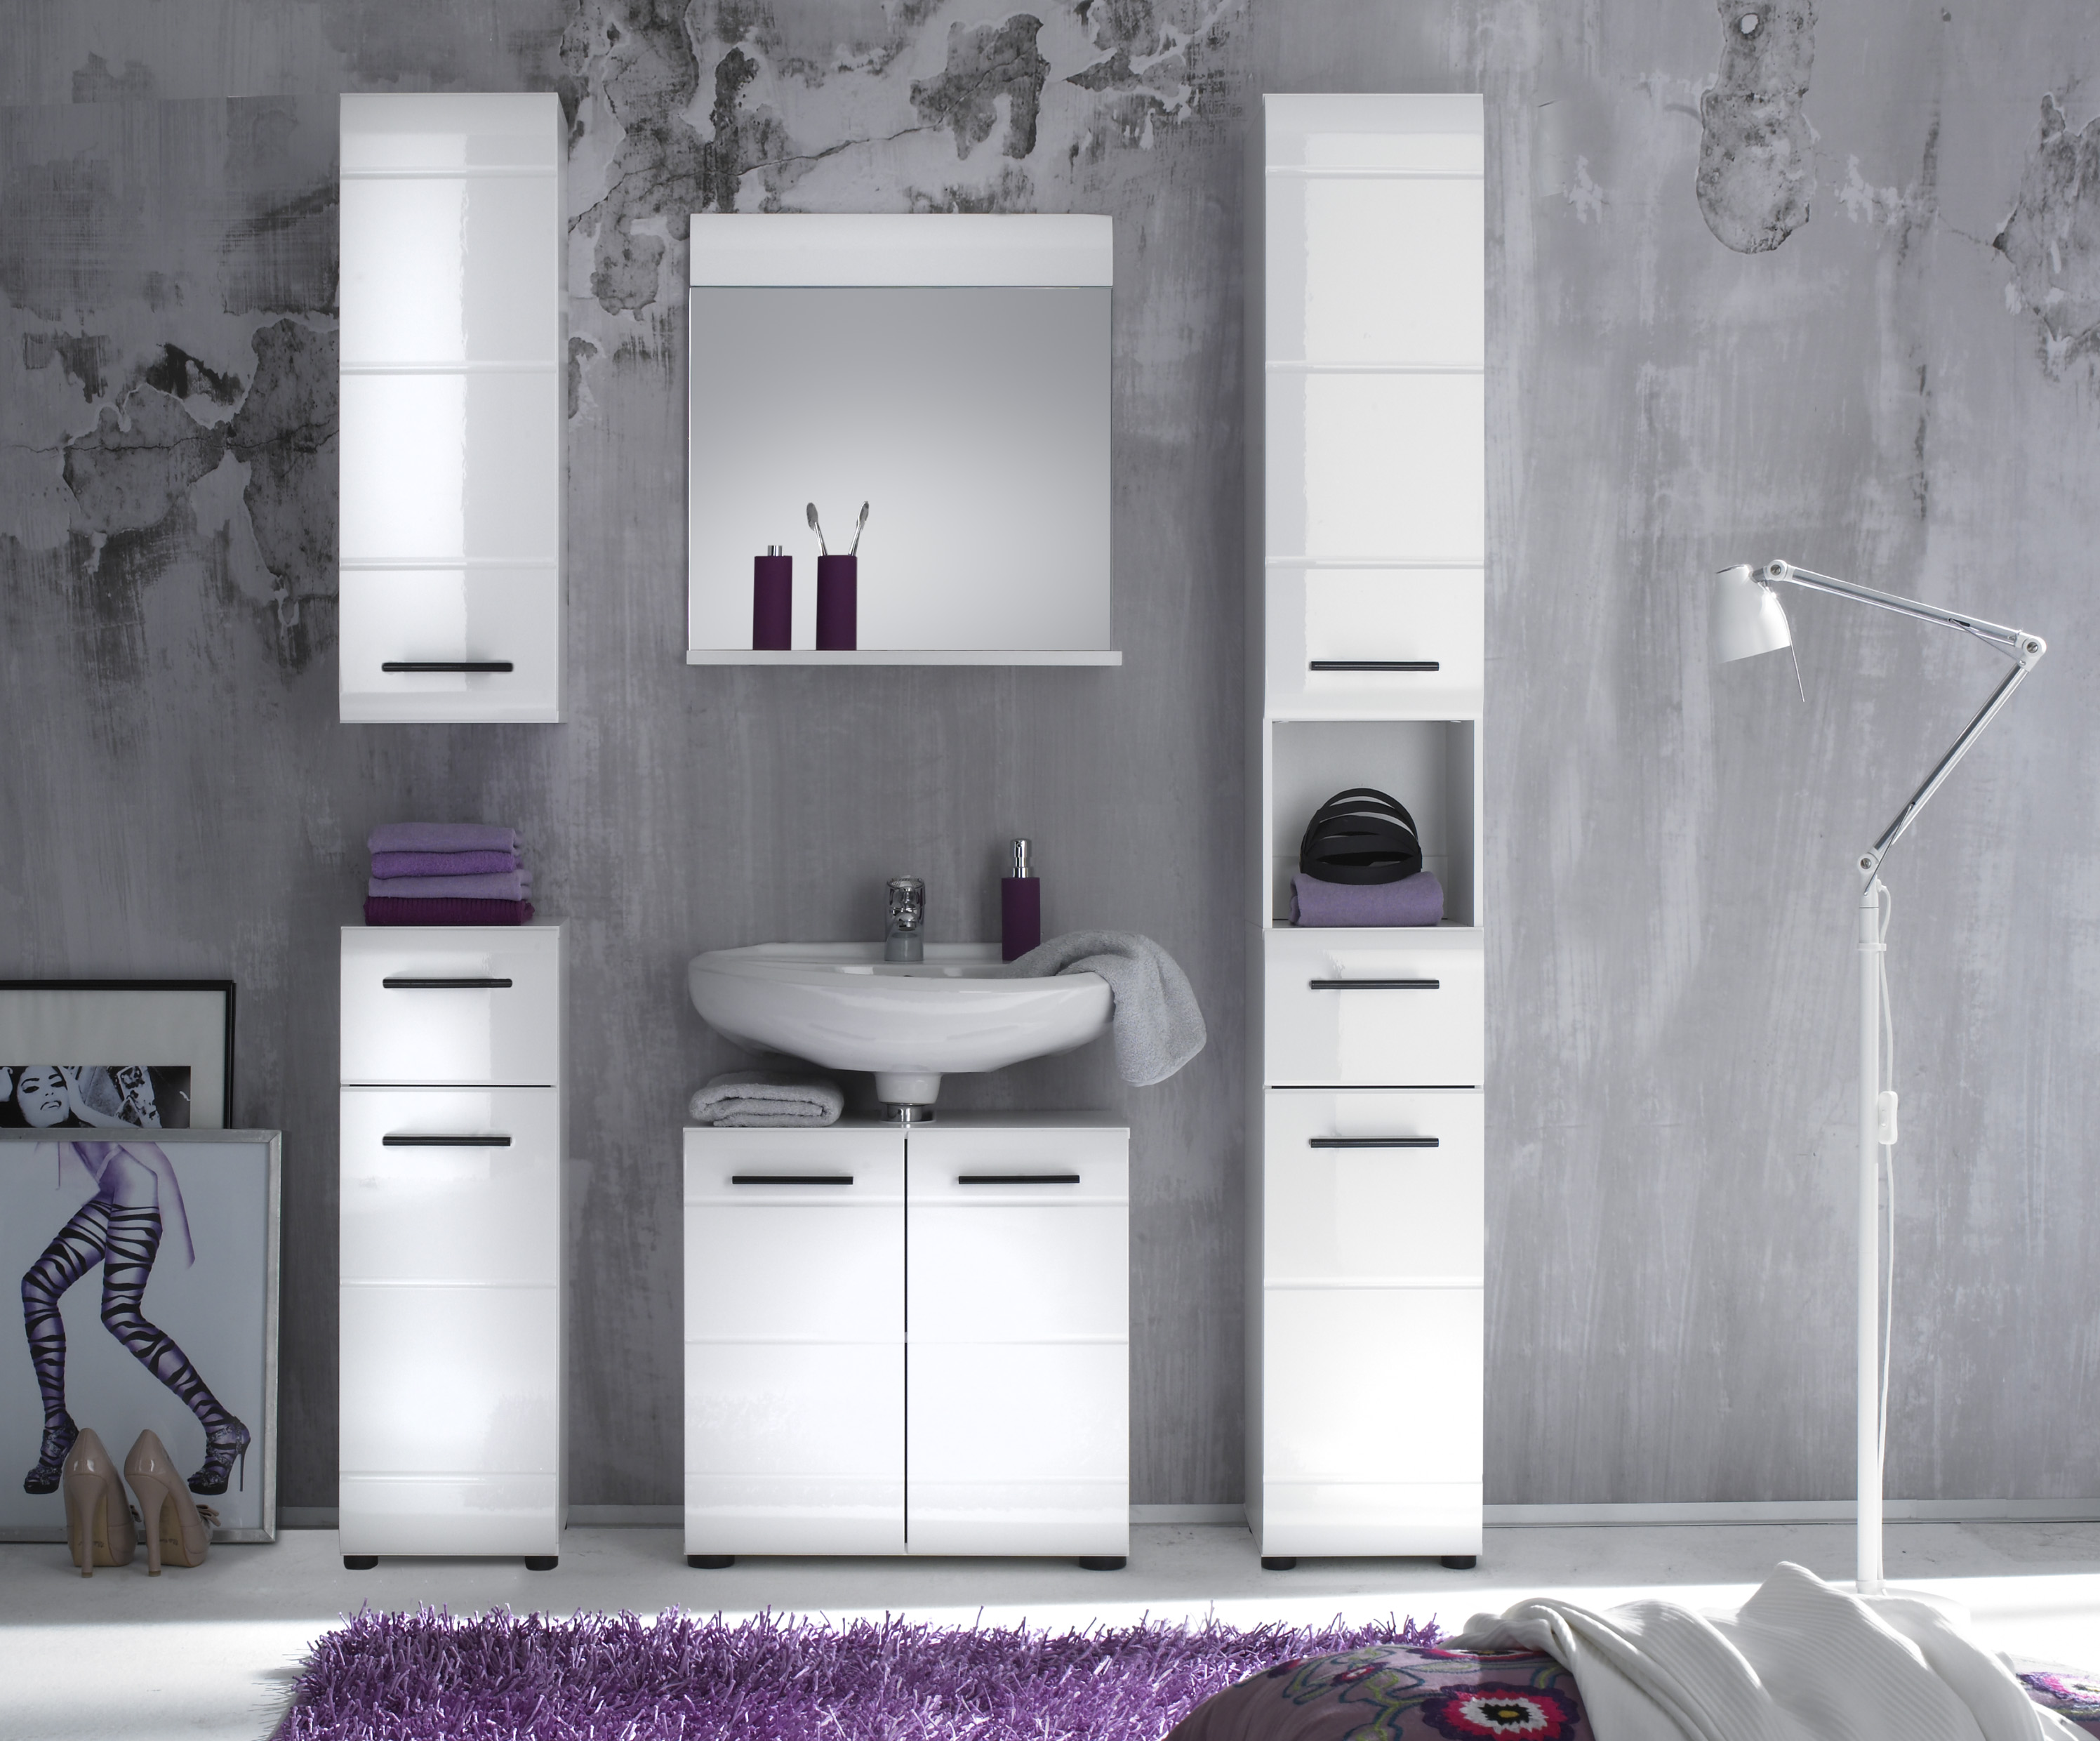 Badmöbel stehend günstig  Waschbeckenunterschrank Gäste Wc Günstig: Gestaltung badezimmer ...